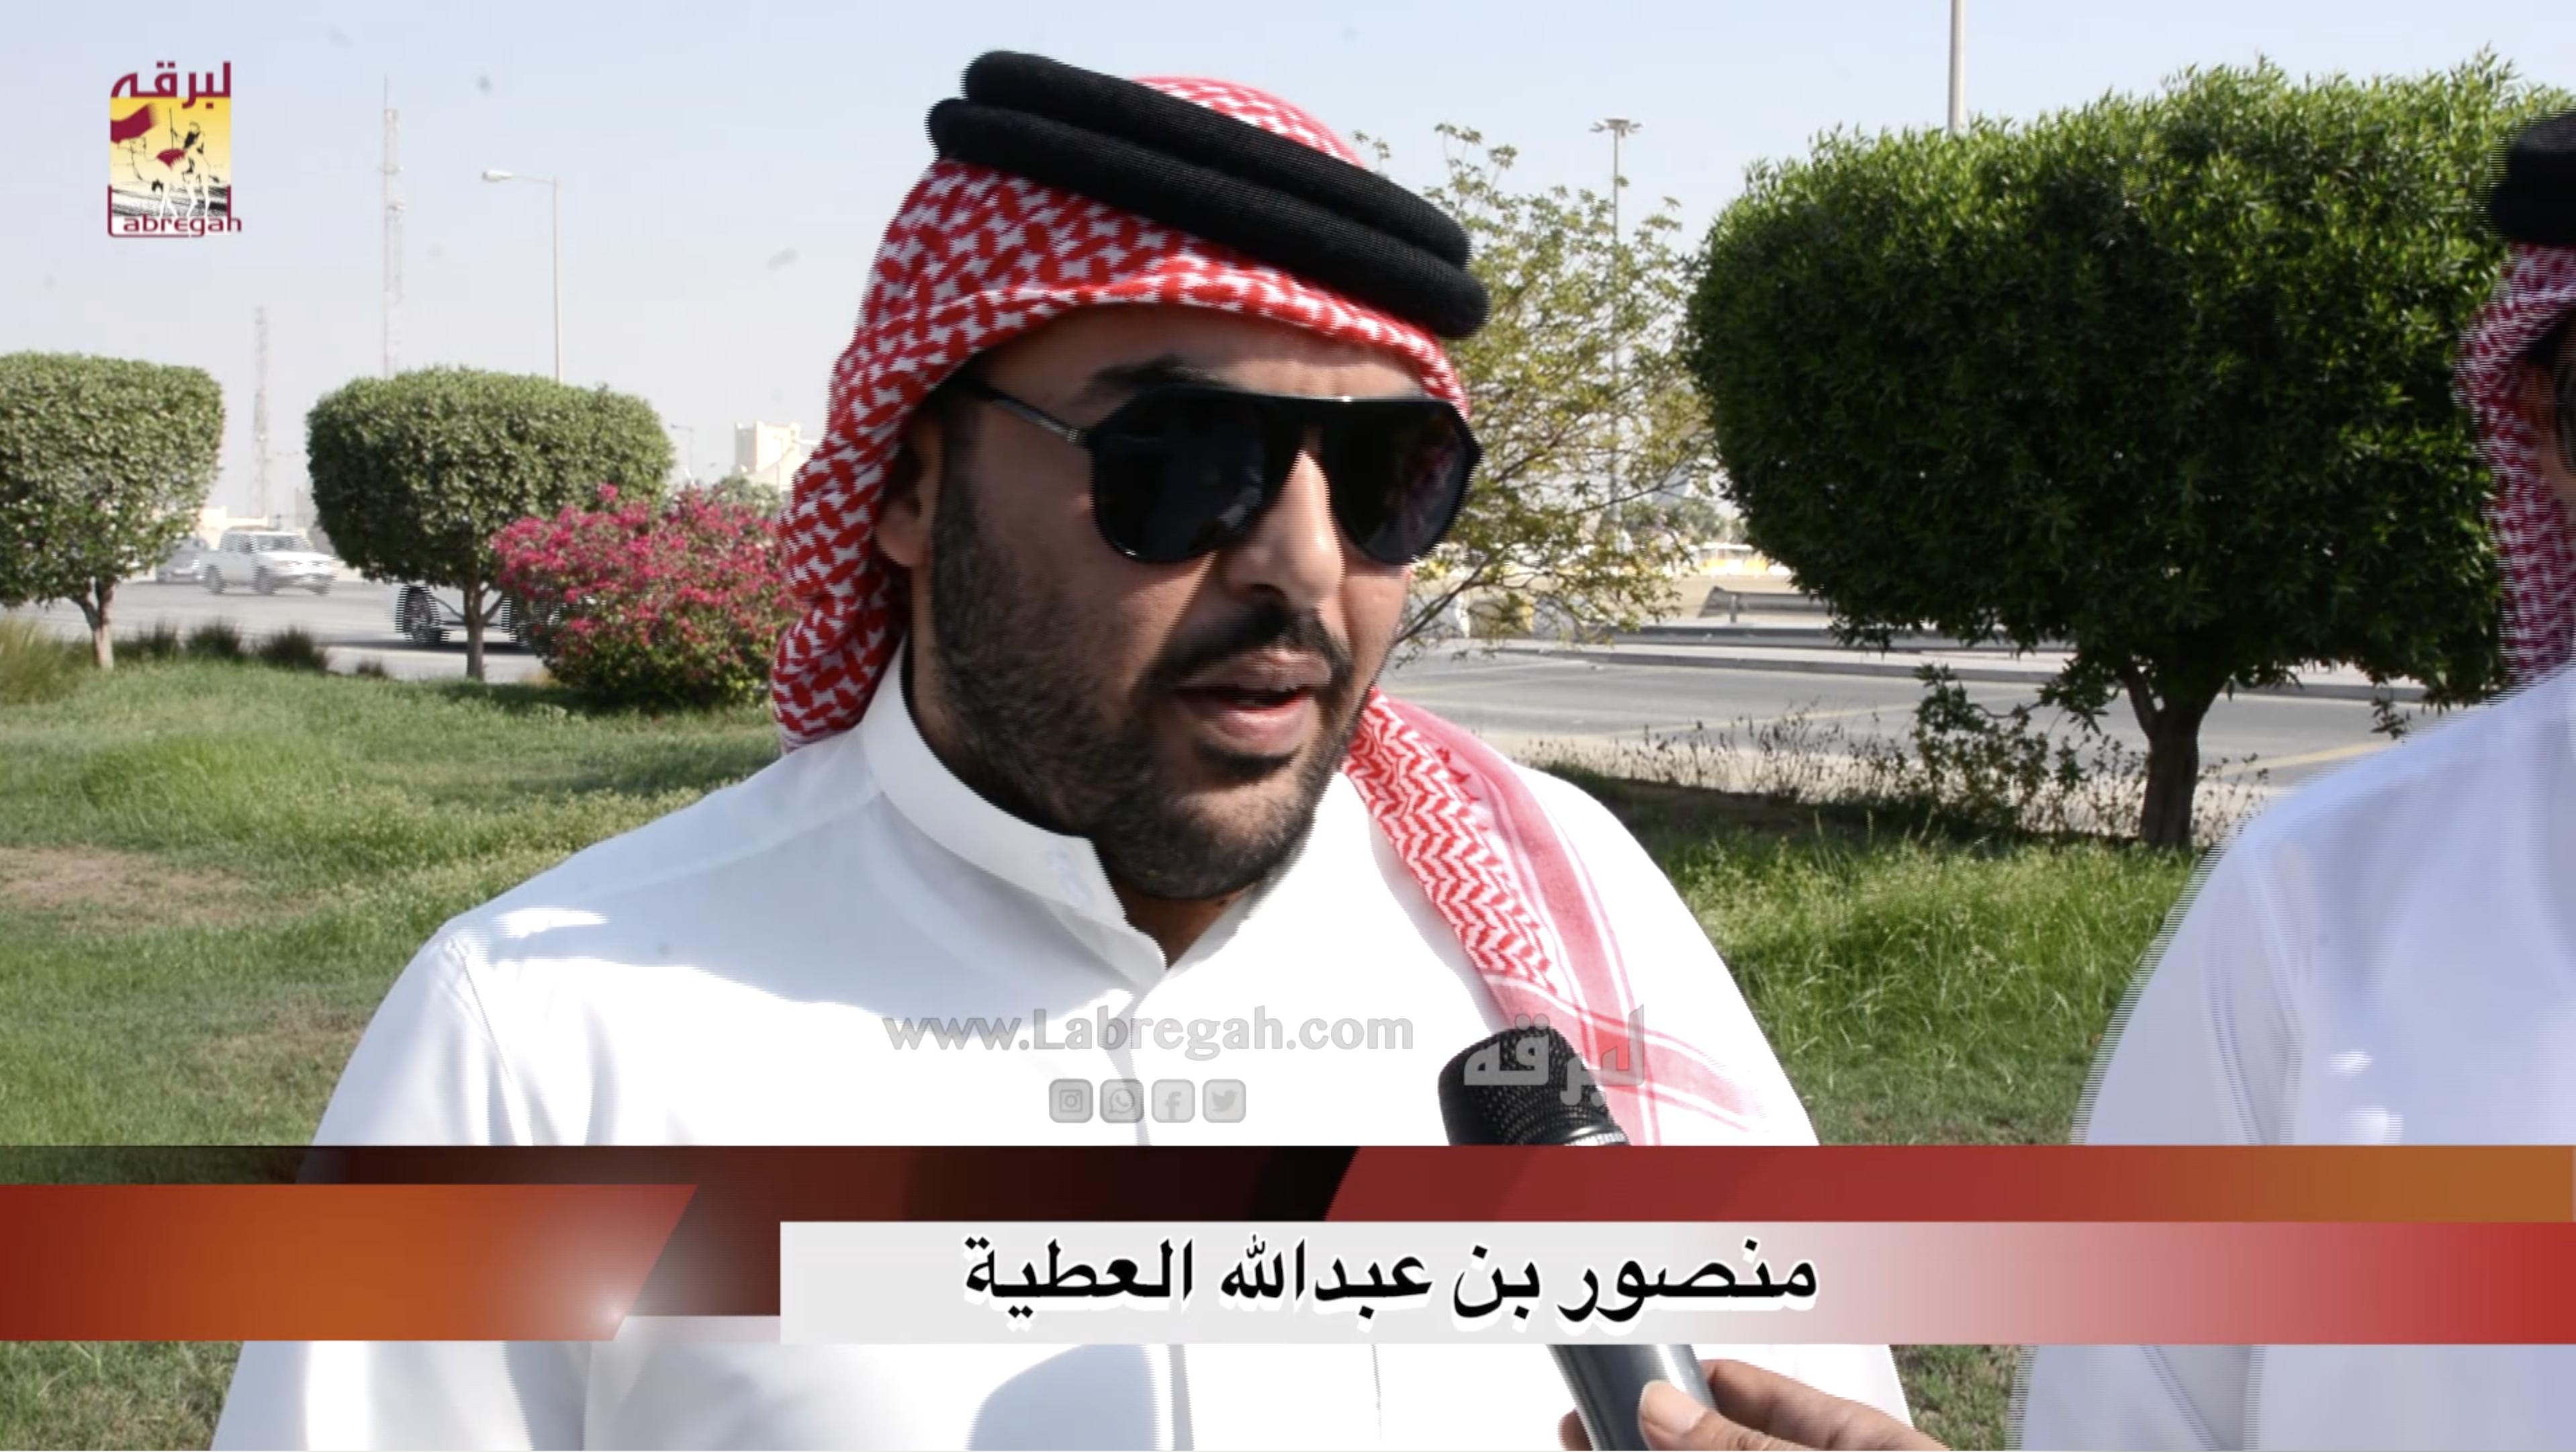 لقاء مع منصور بن عبدالله العطية.. الشوط الرئيسي للجذاع بكار إنتاج صباح ٩-٩-٢٠٢٠